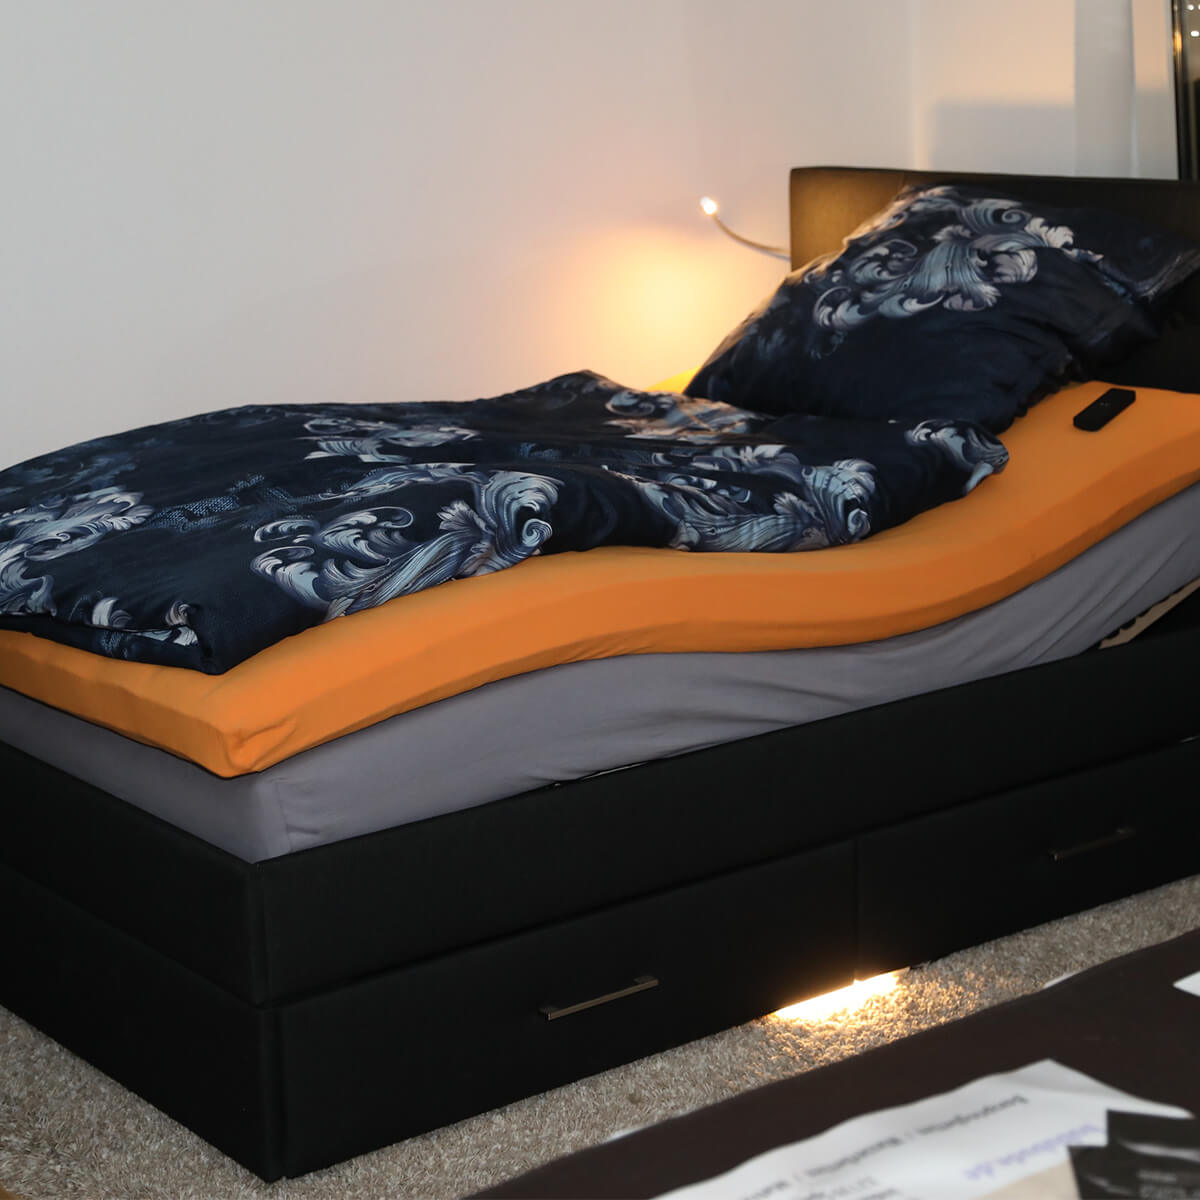 Bett mit Spannbetttücher